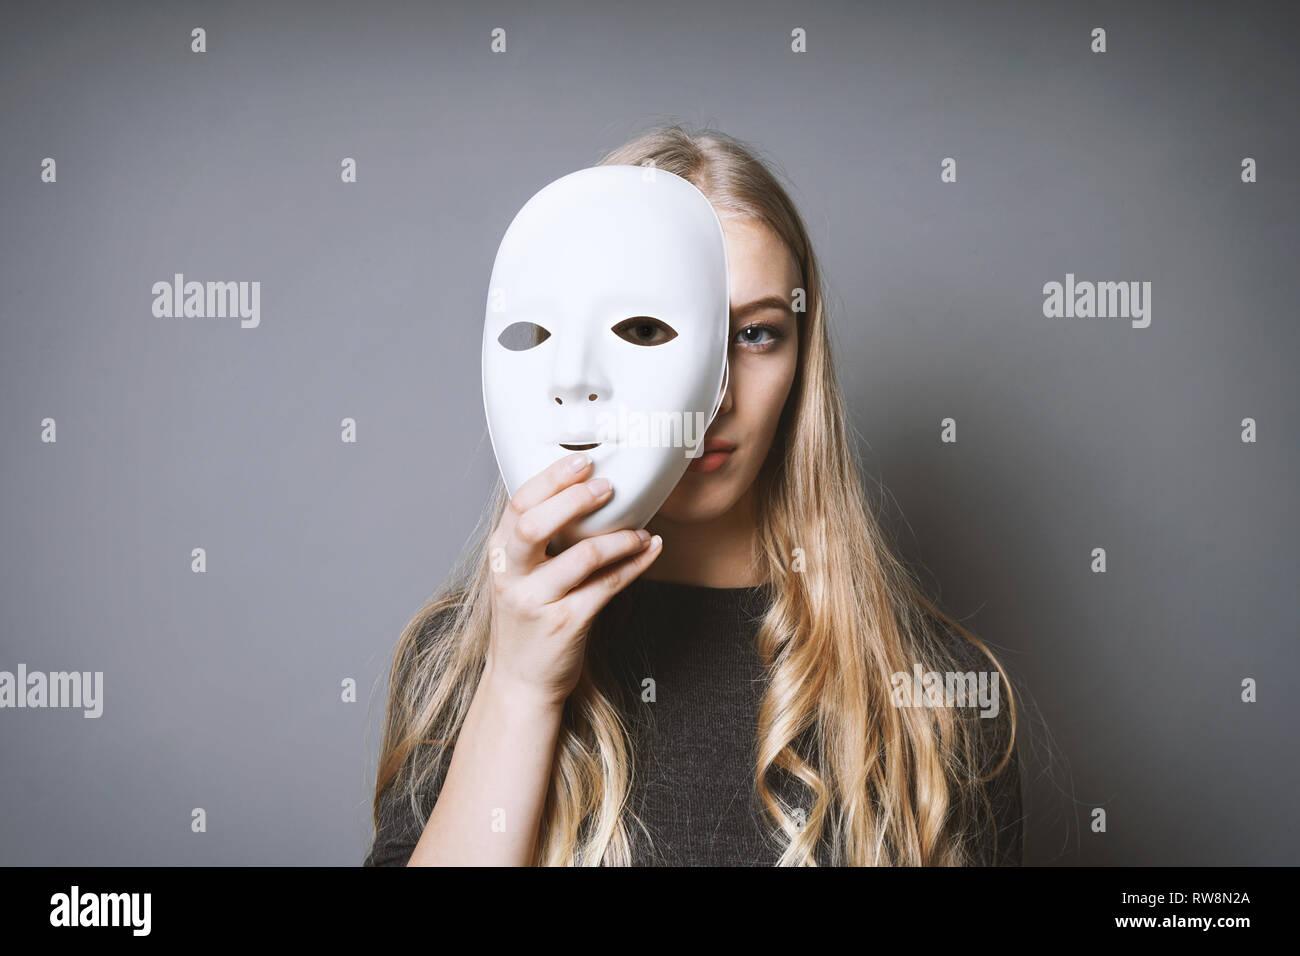 Jugendlich Mädchen ihr Gesicht verstecken sich hinter Masken - Identität oder Persönlichkeit Konzept Stockbild